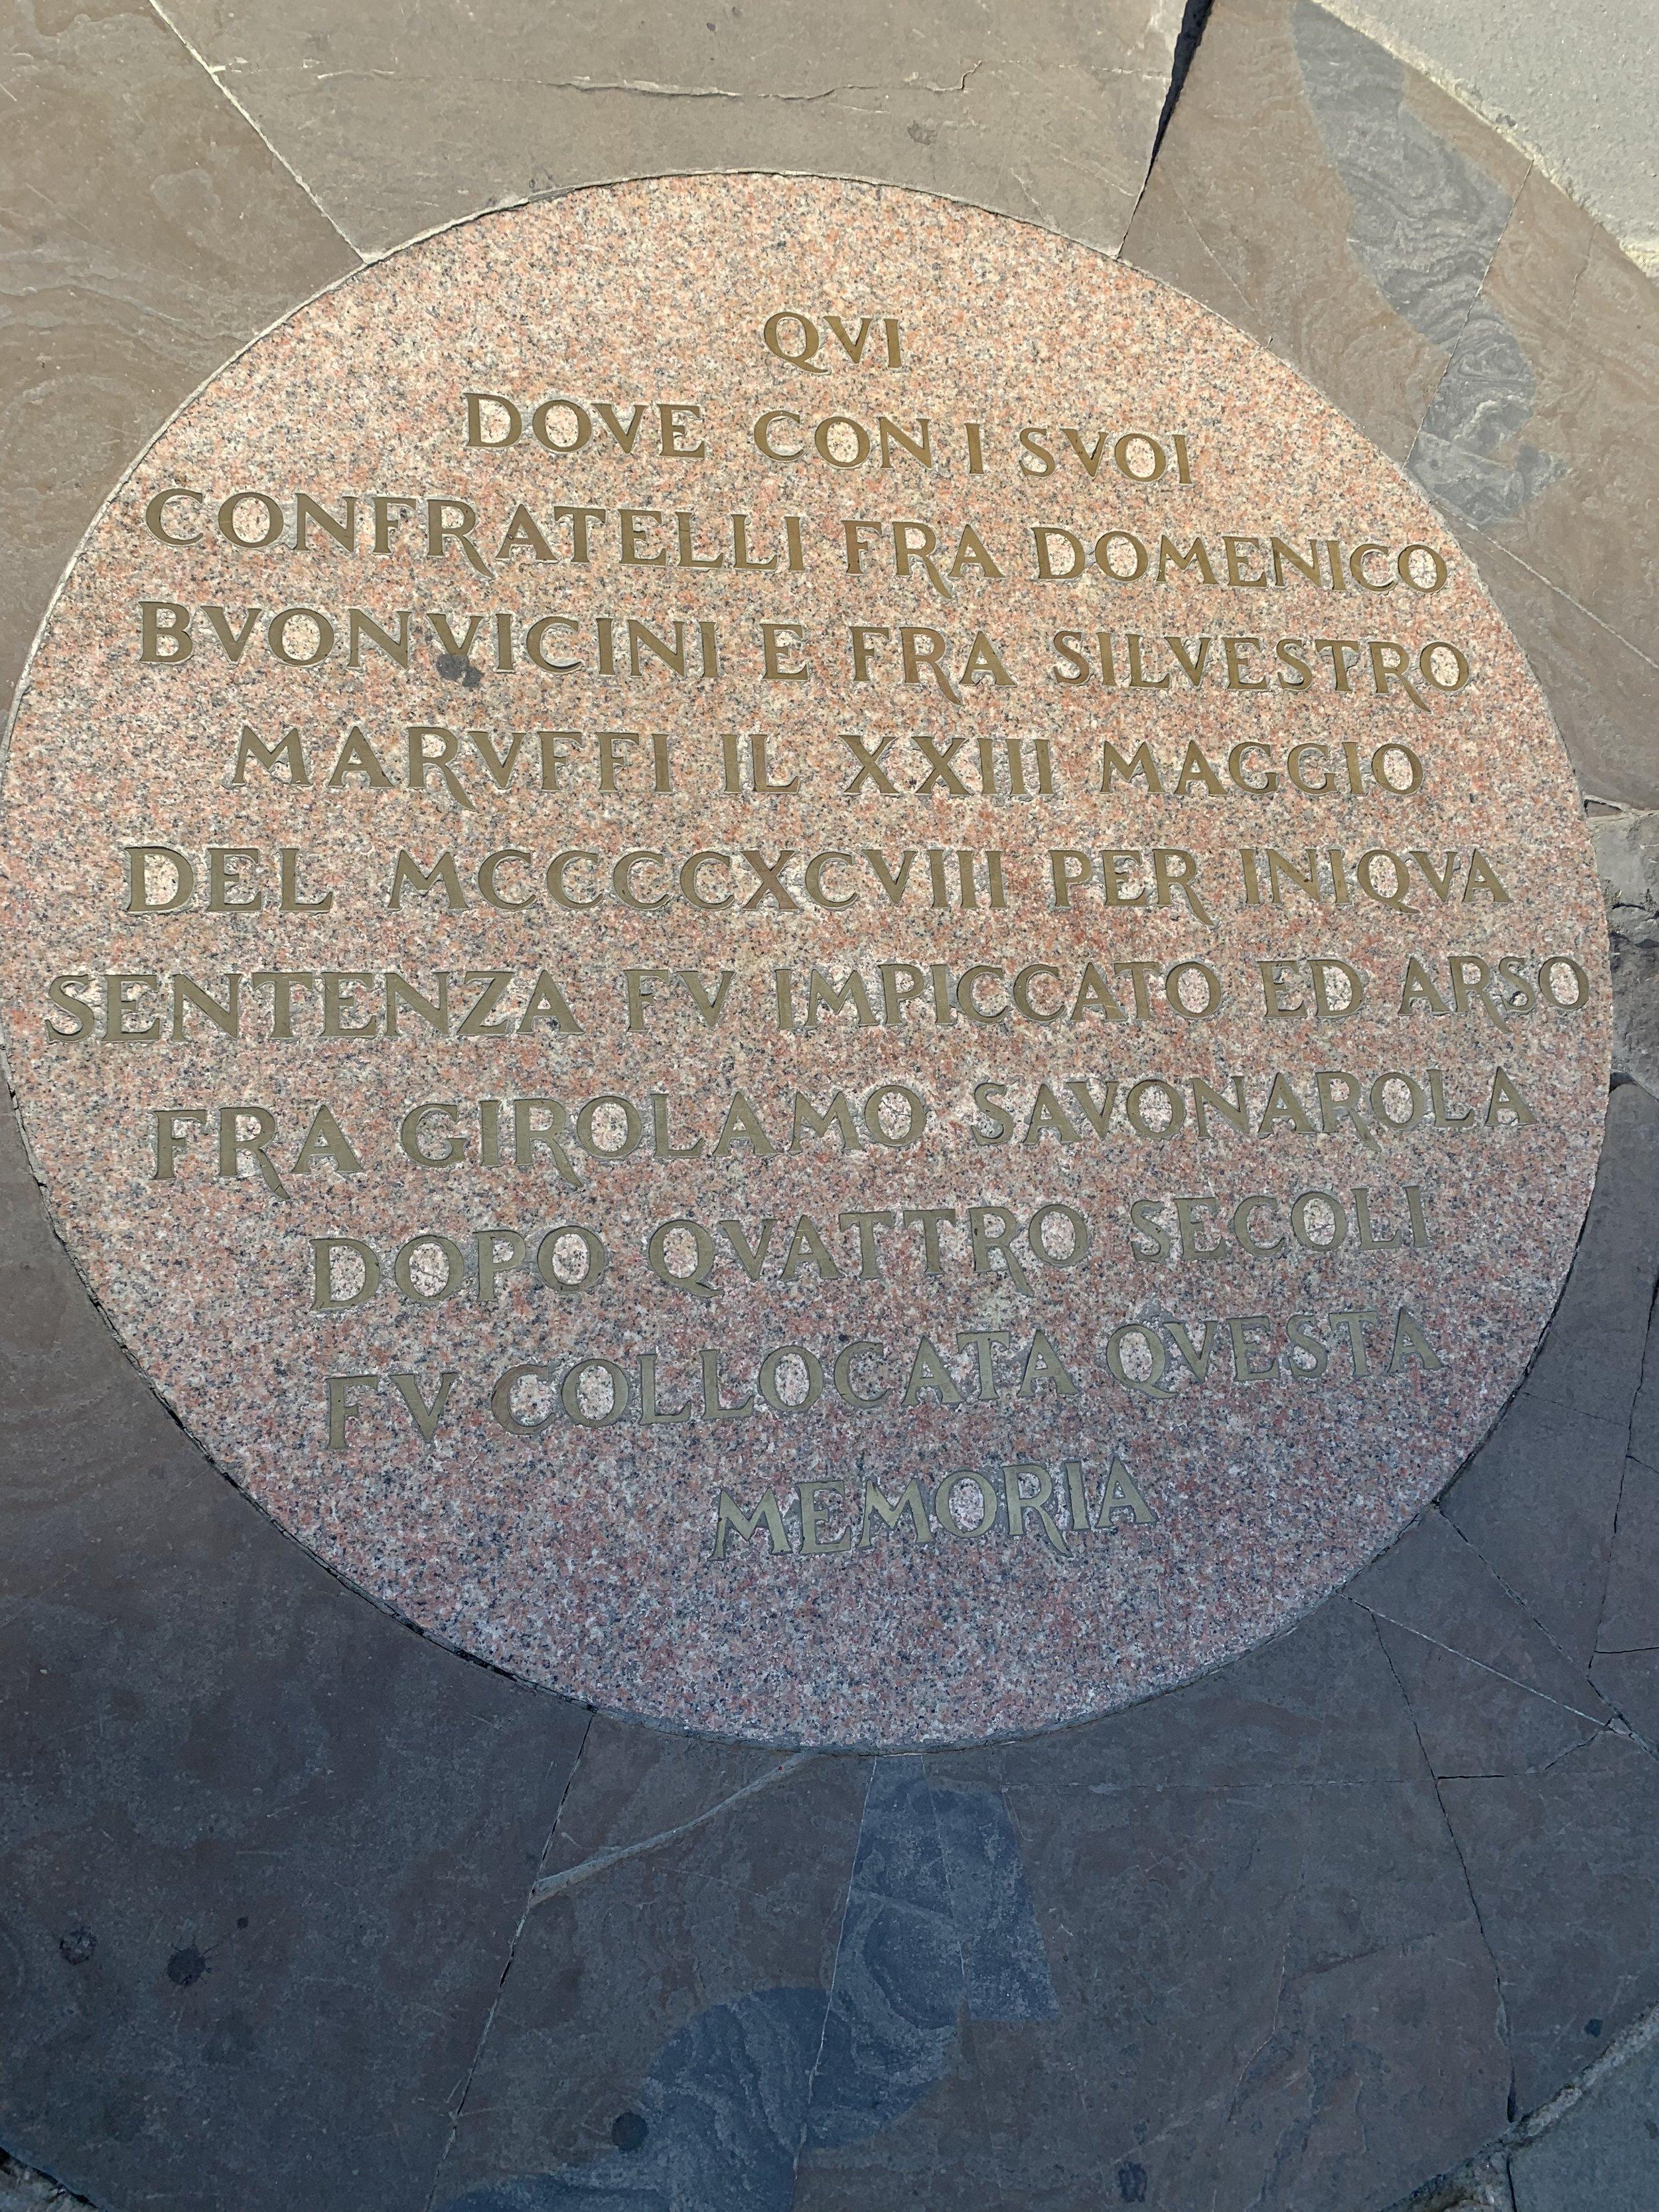 3 plaque.JPG